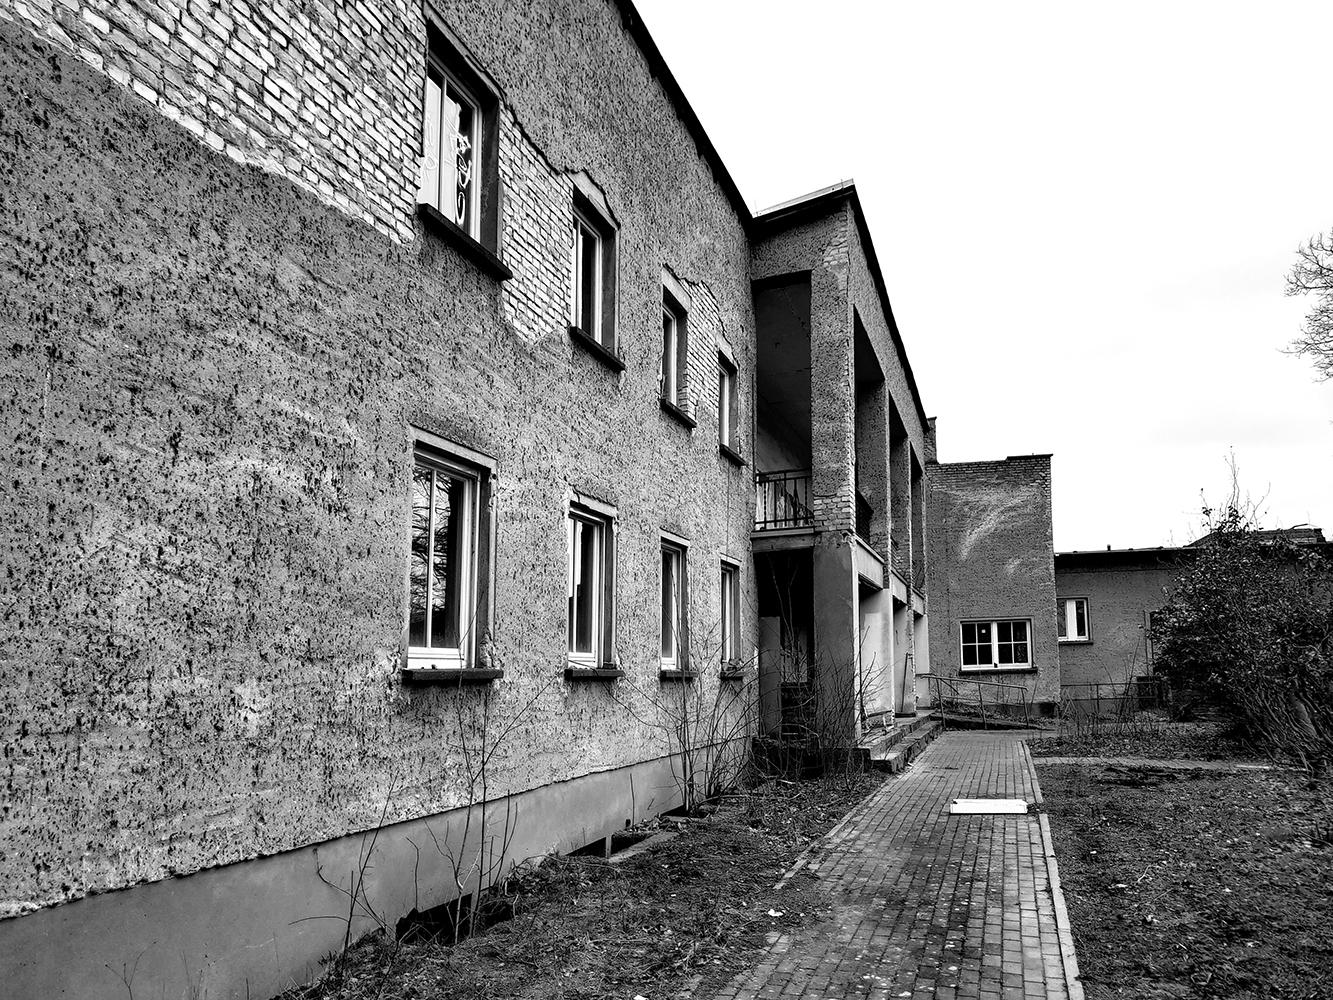 T8_2_Feierabendheim in Hohenlanke.jpg